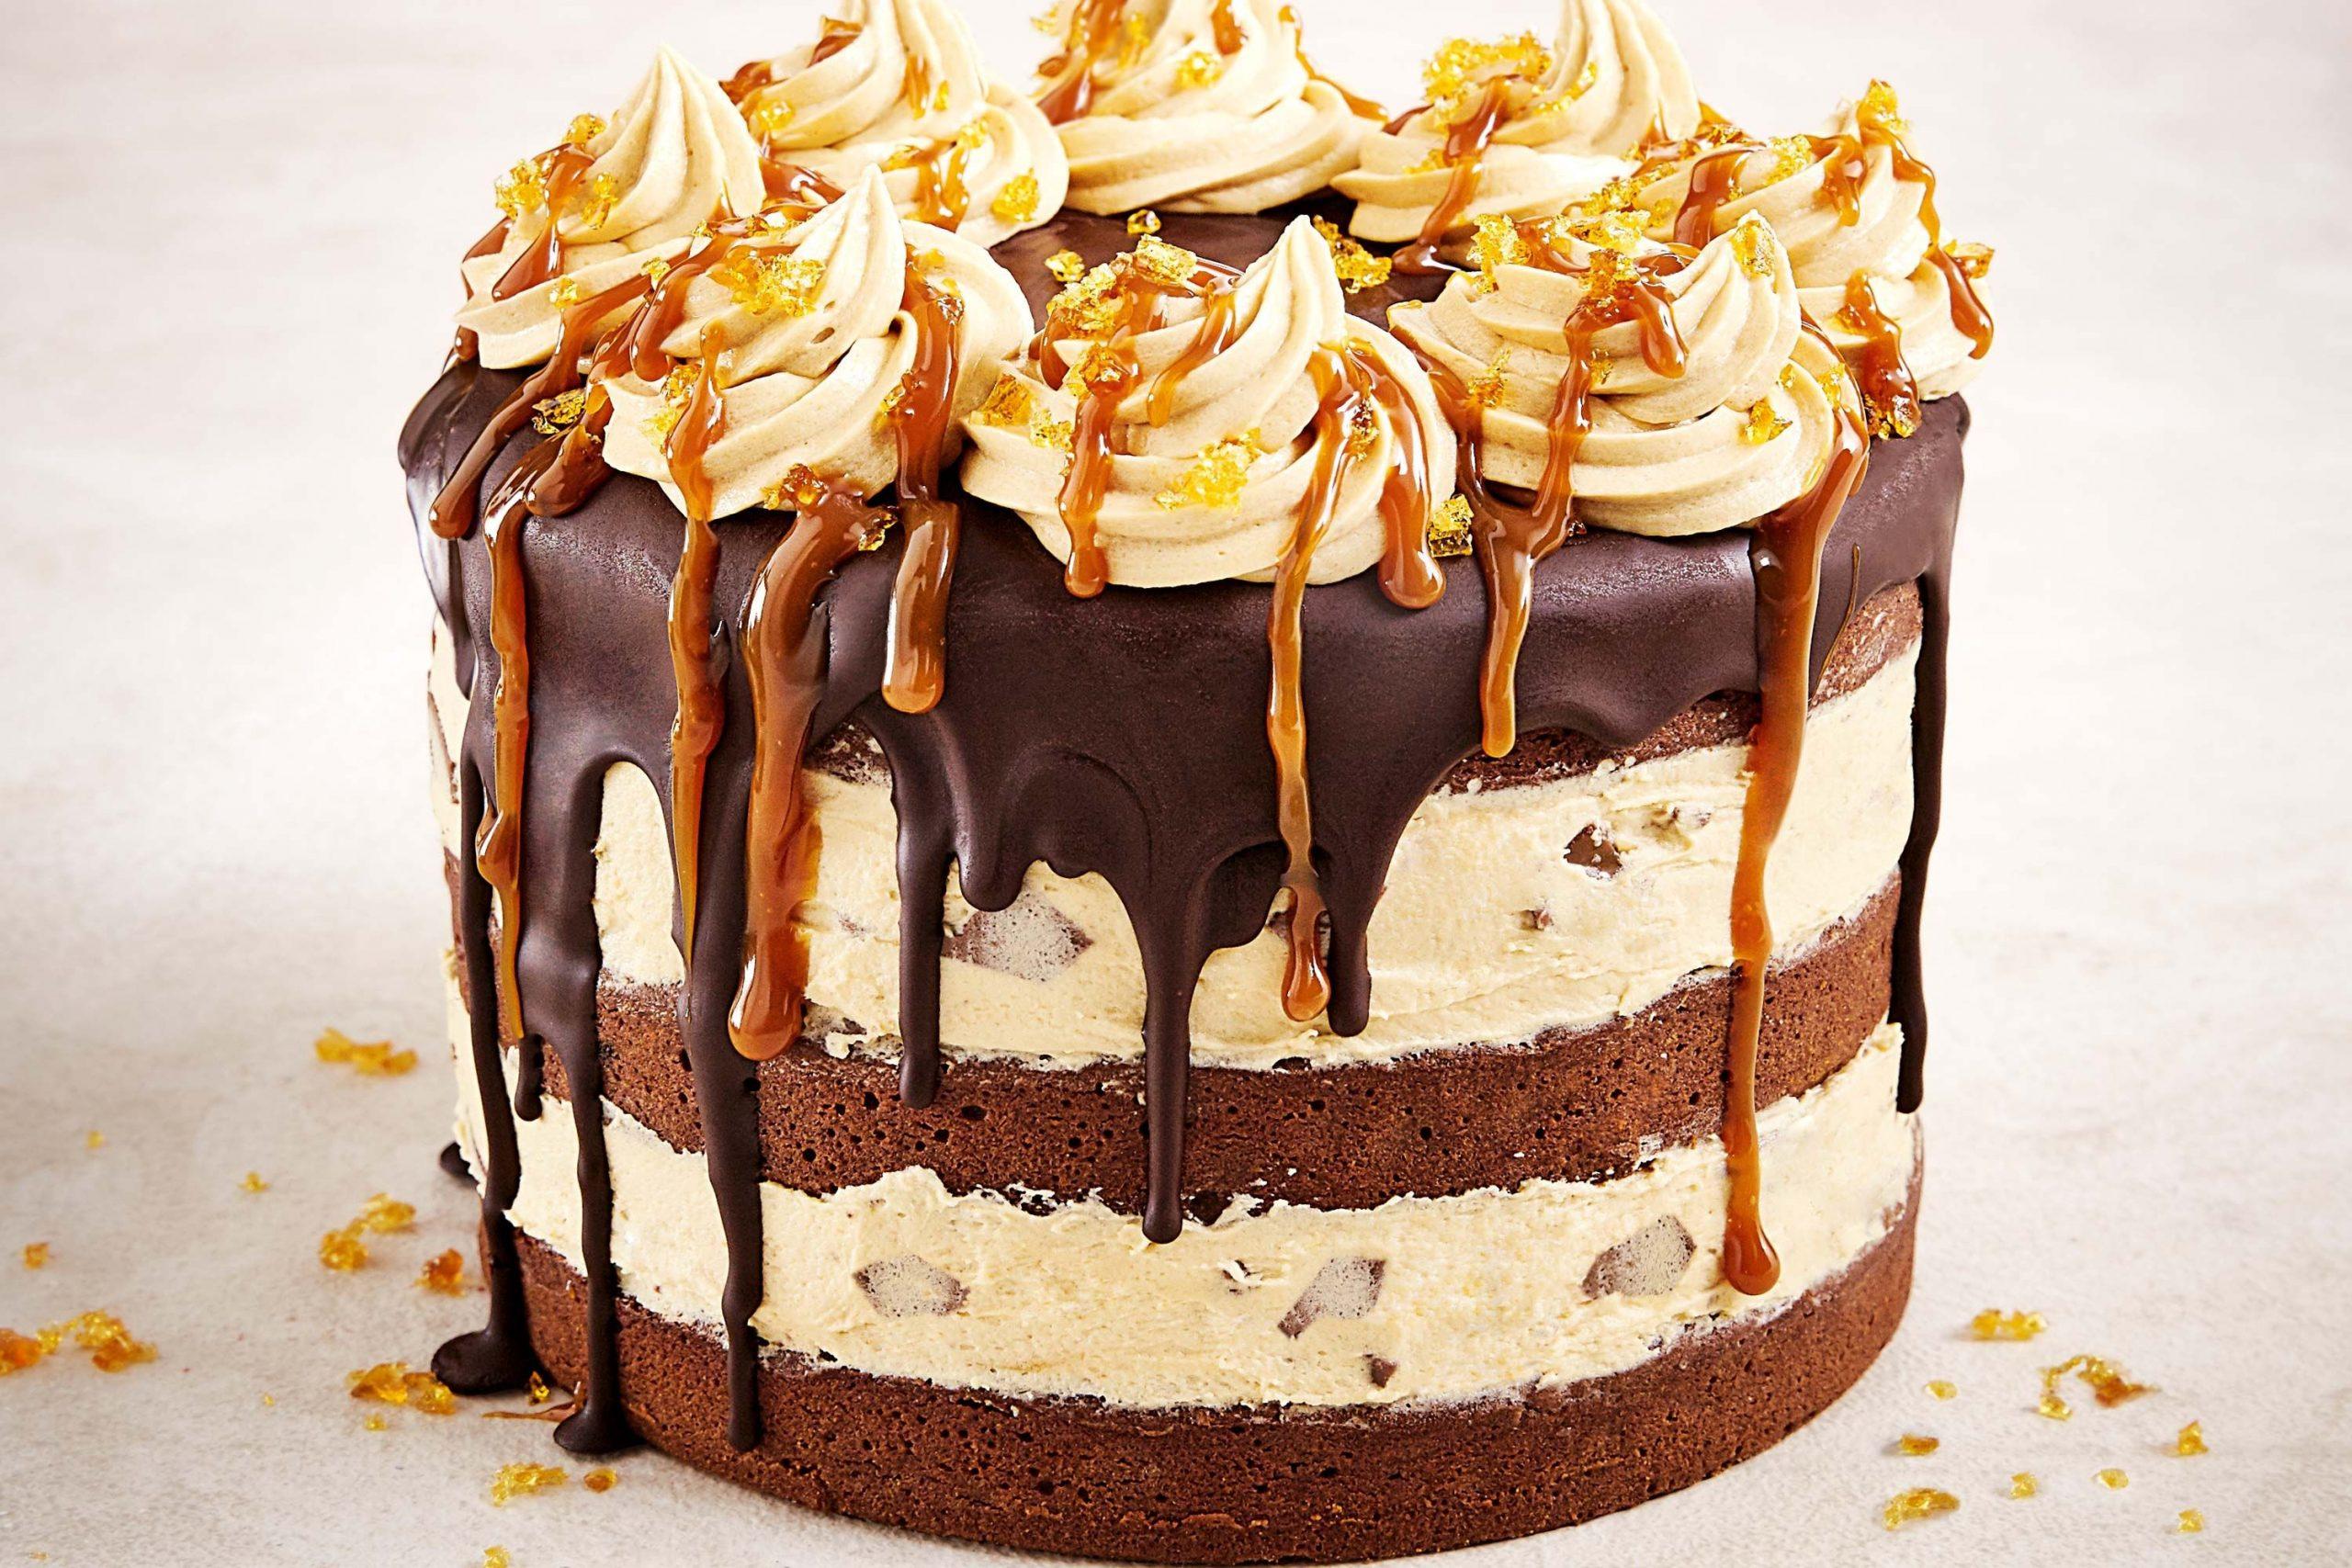 Lemon Pastry Slices Cake